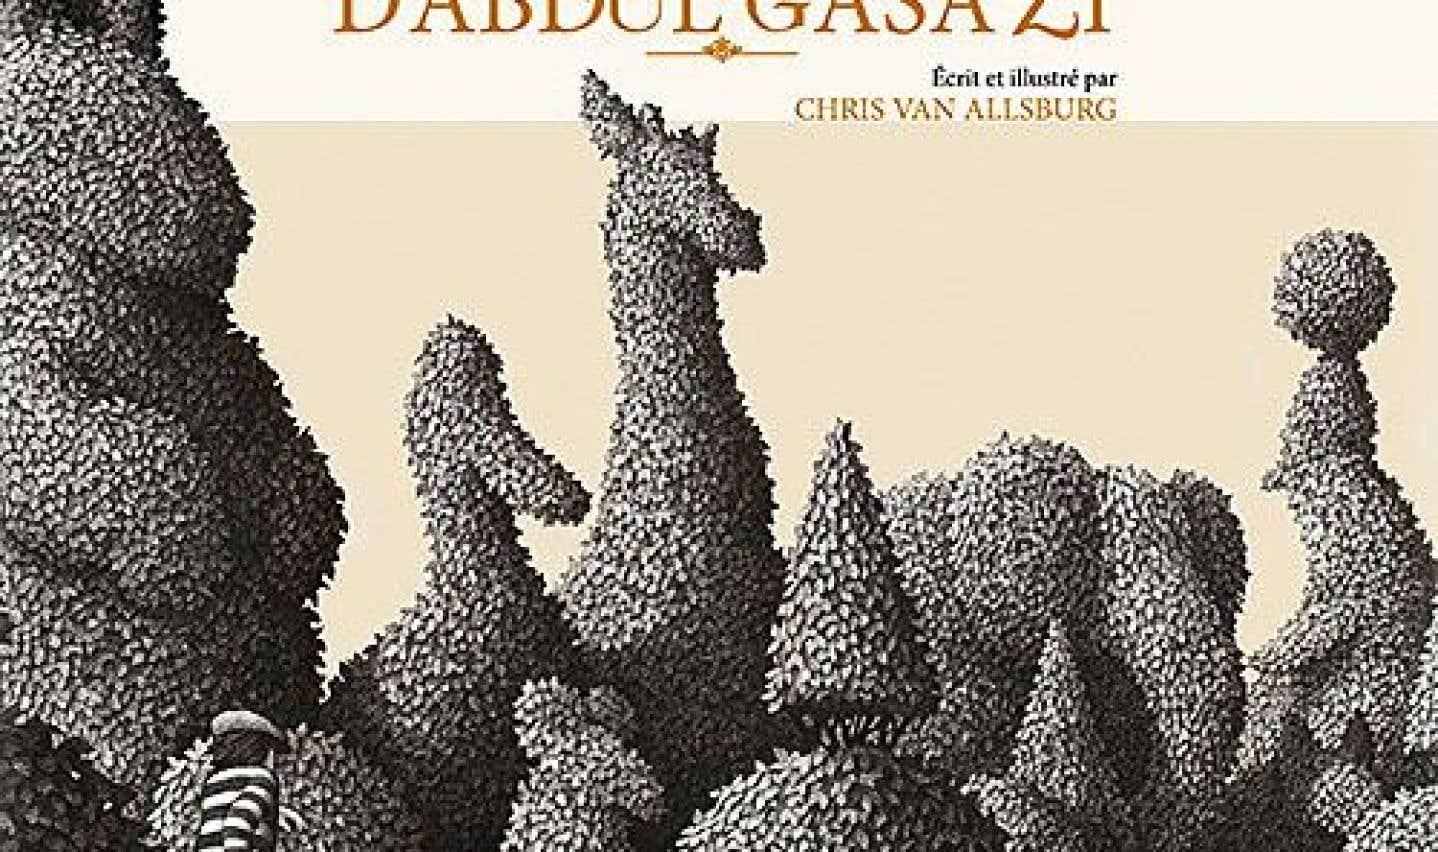 Couverture du livre jeunesse «Le jardin d'Abdul Gasazi», de Chris Van Allsburg